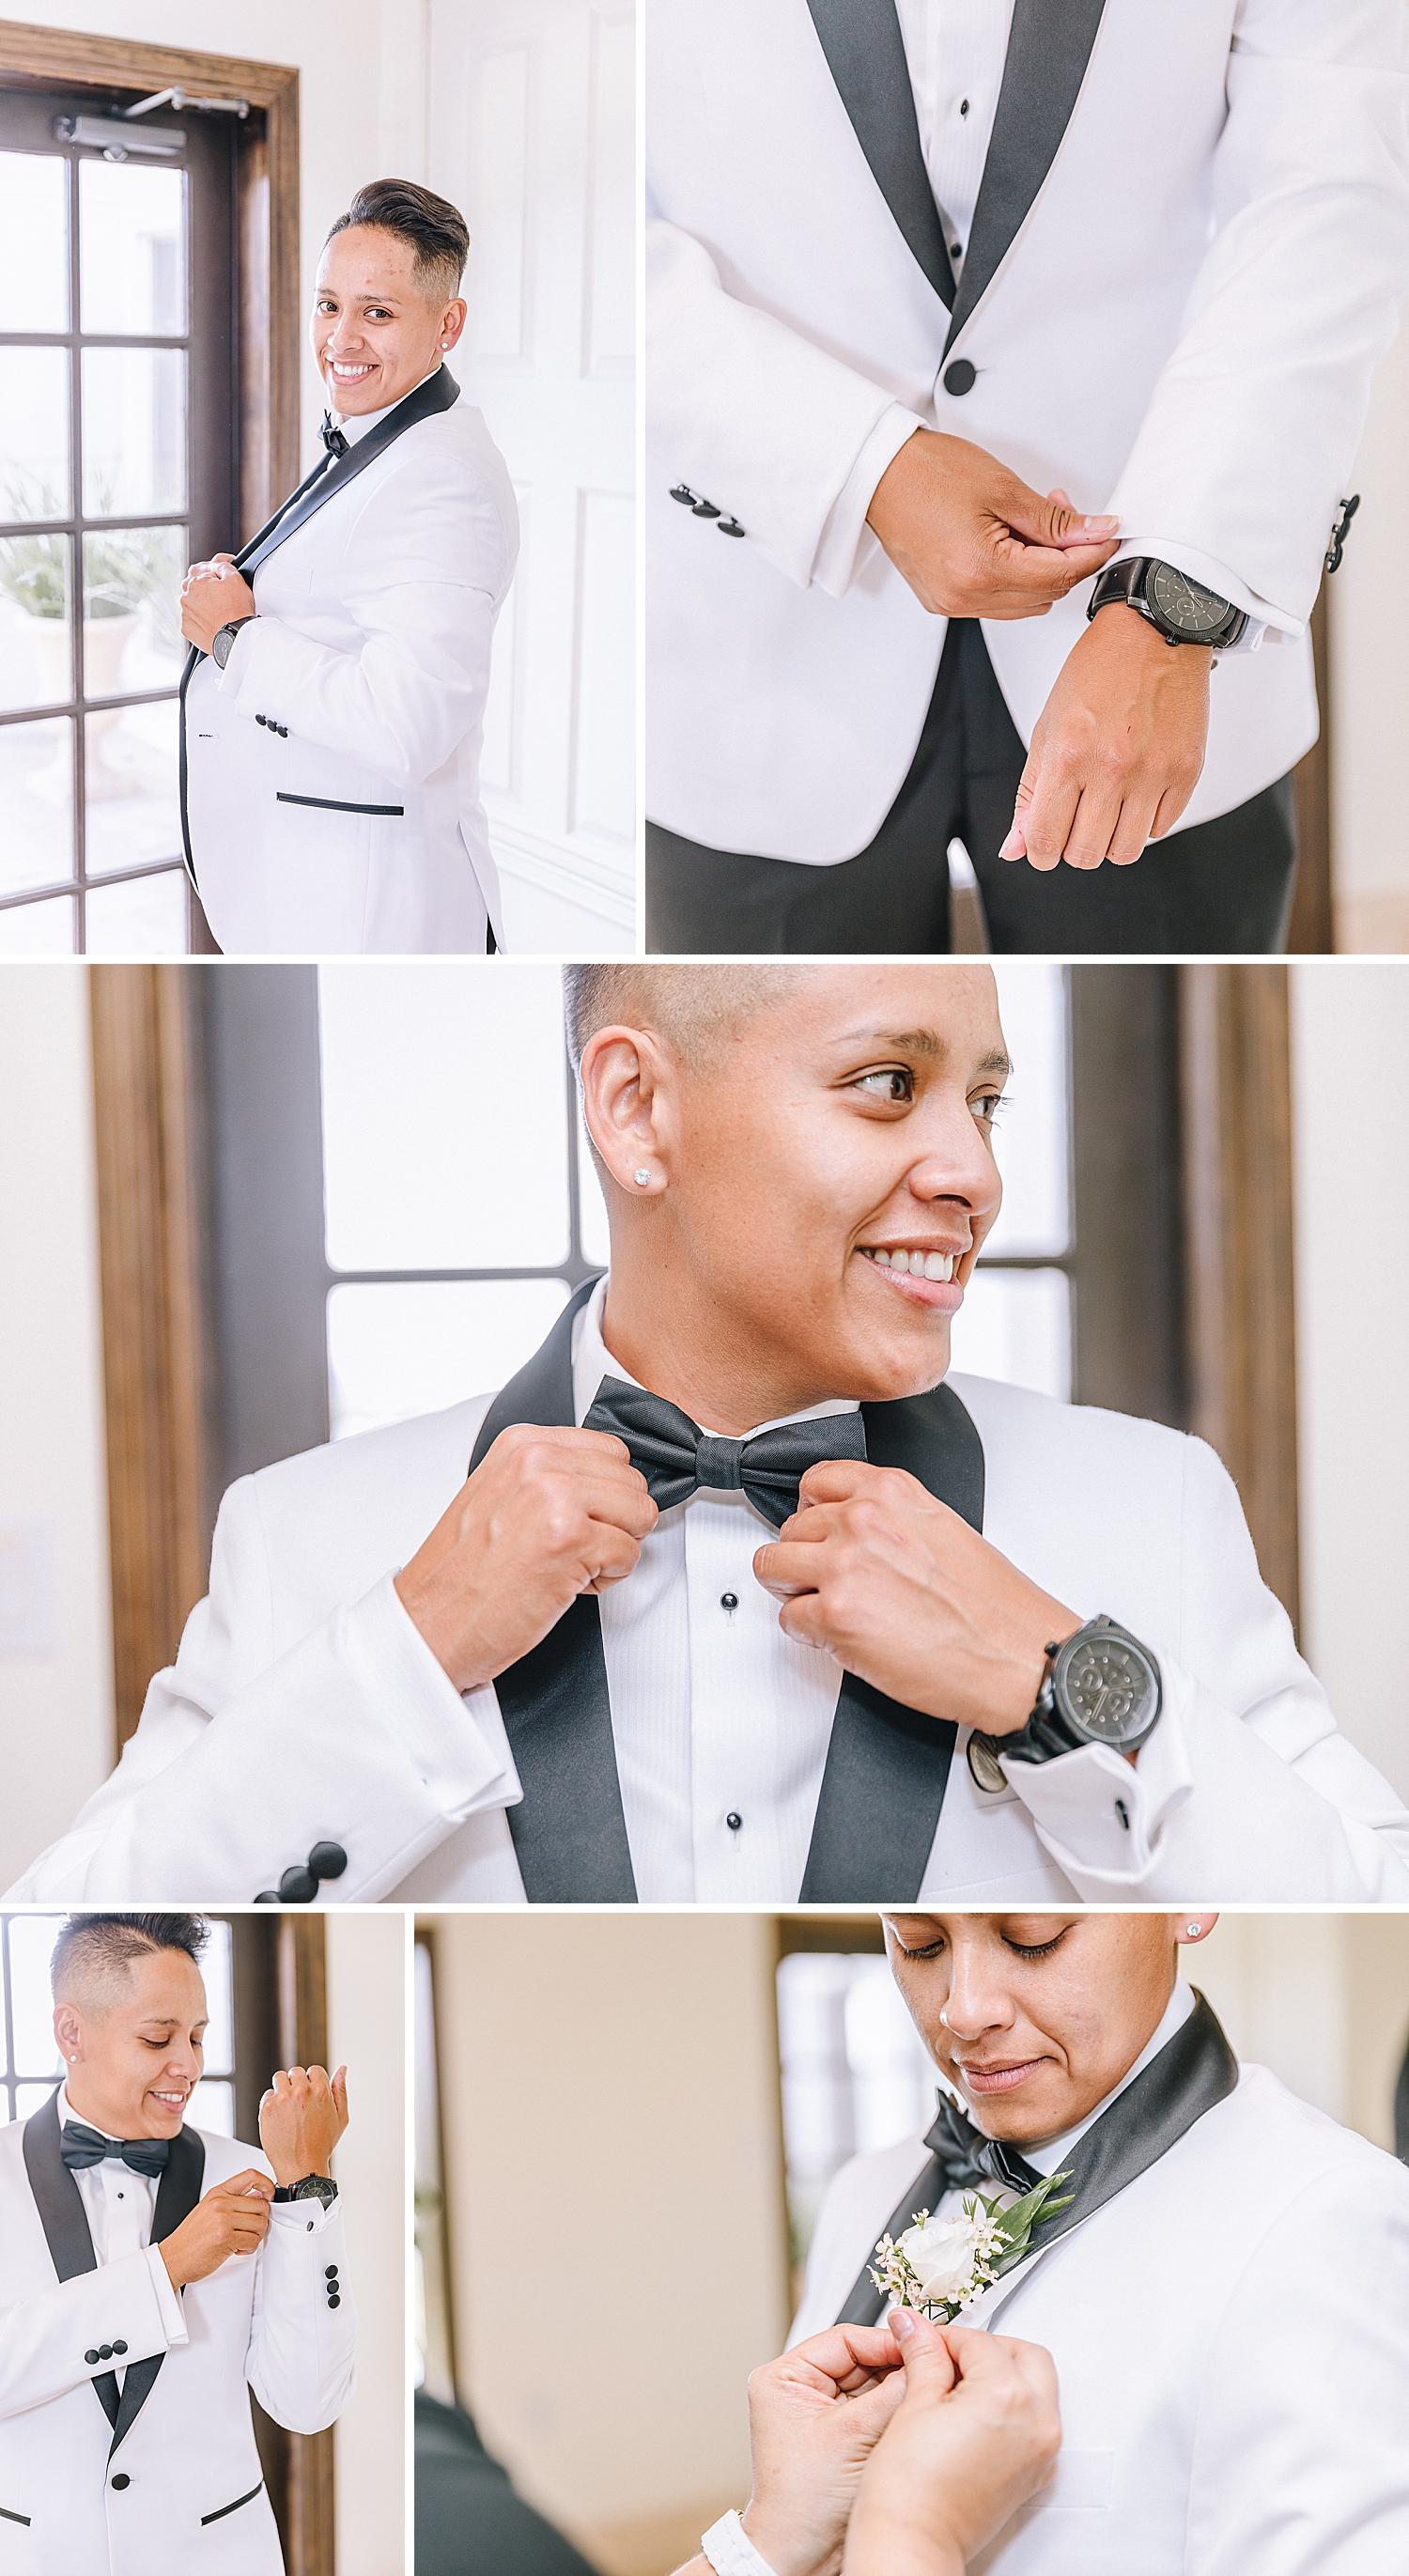 Carly-Barton-Photography-The-Villa-at-Cielo-Vista-Blush-Gold-White-Wedding-Photos_0104.jpg